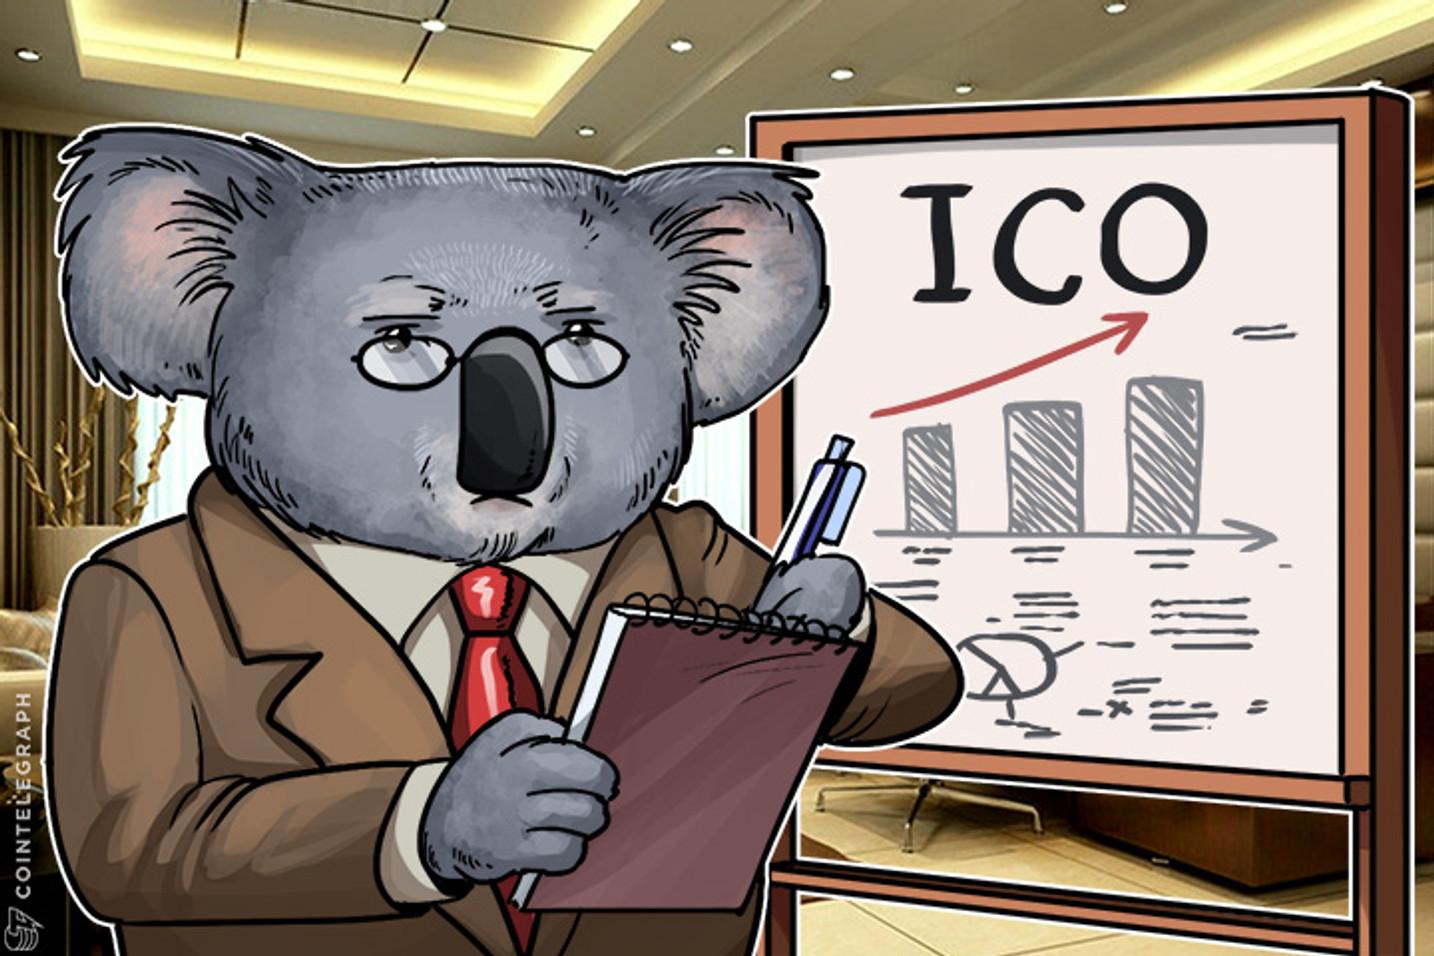 El Regulador de Valores de Australia emite una guía formal sobre las ICO